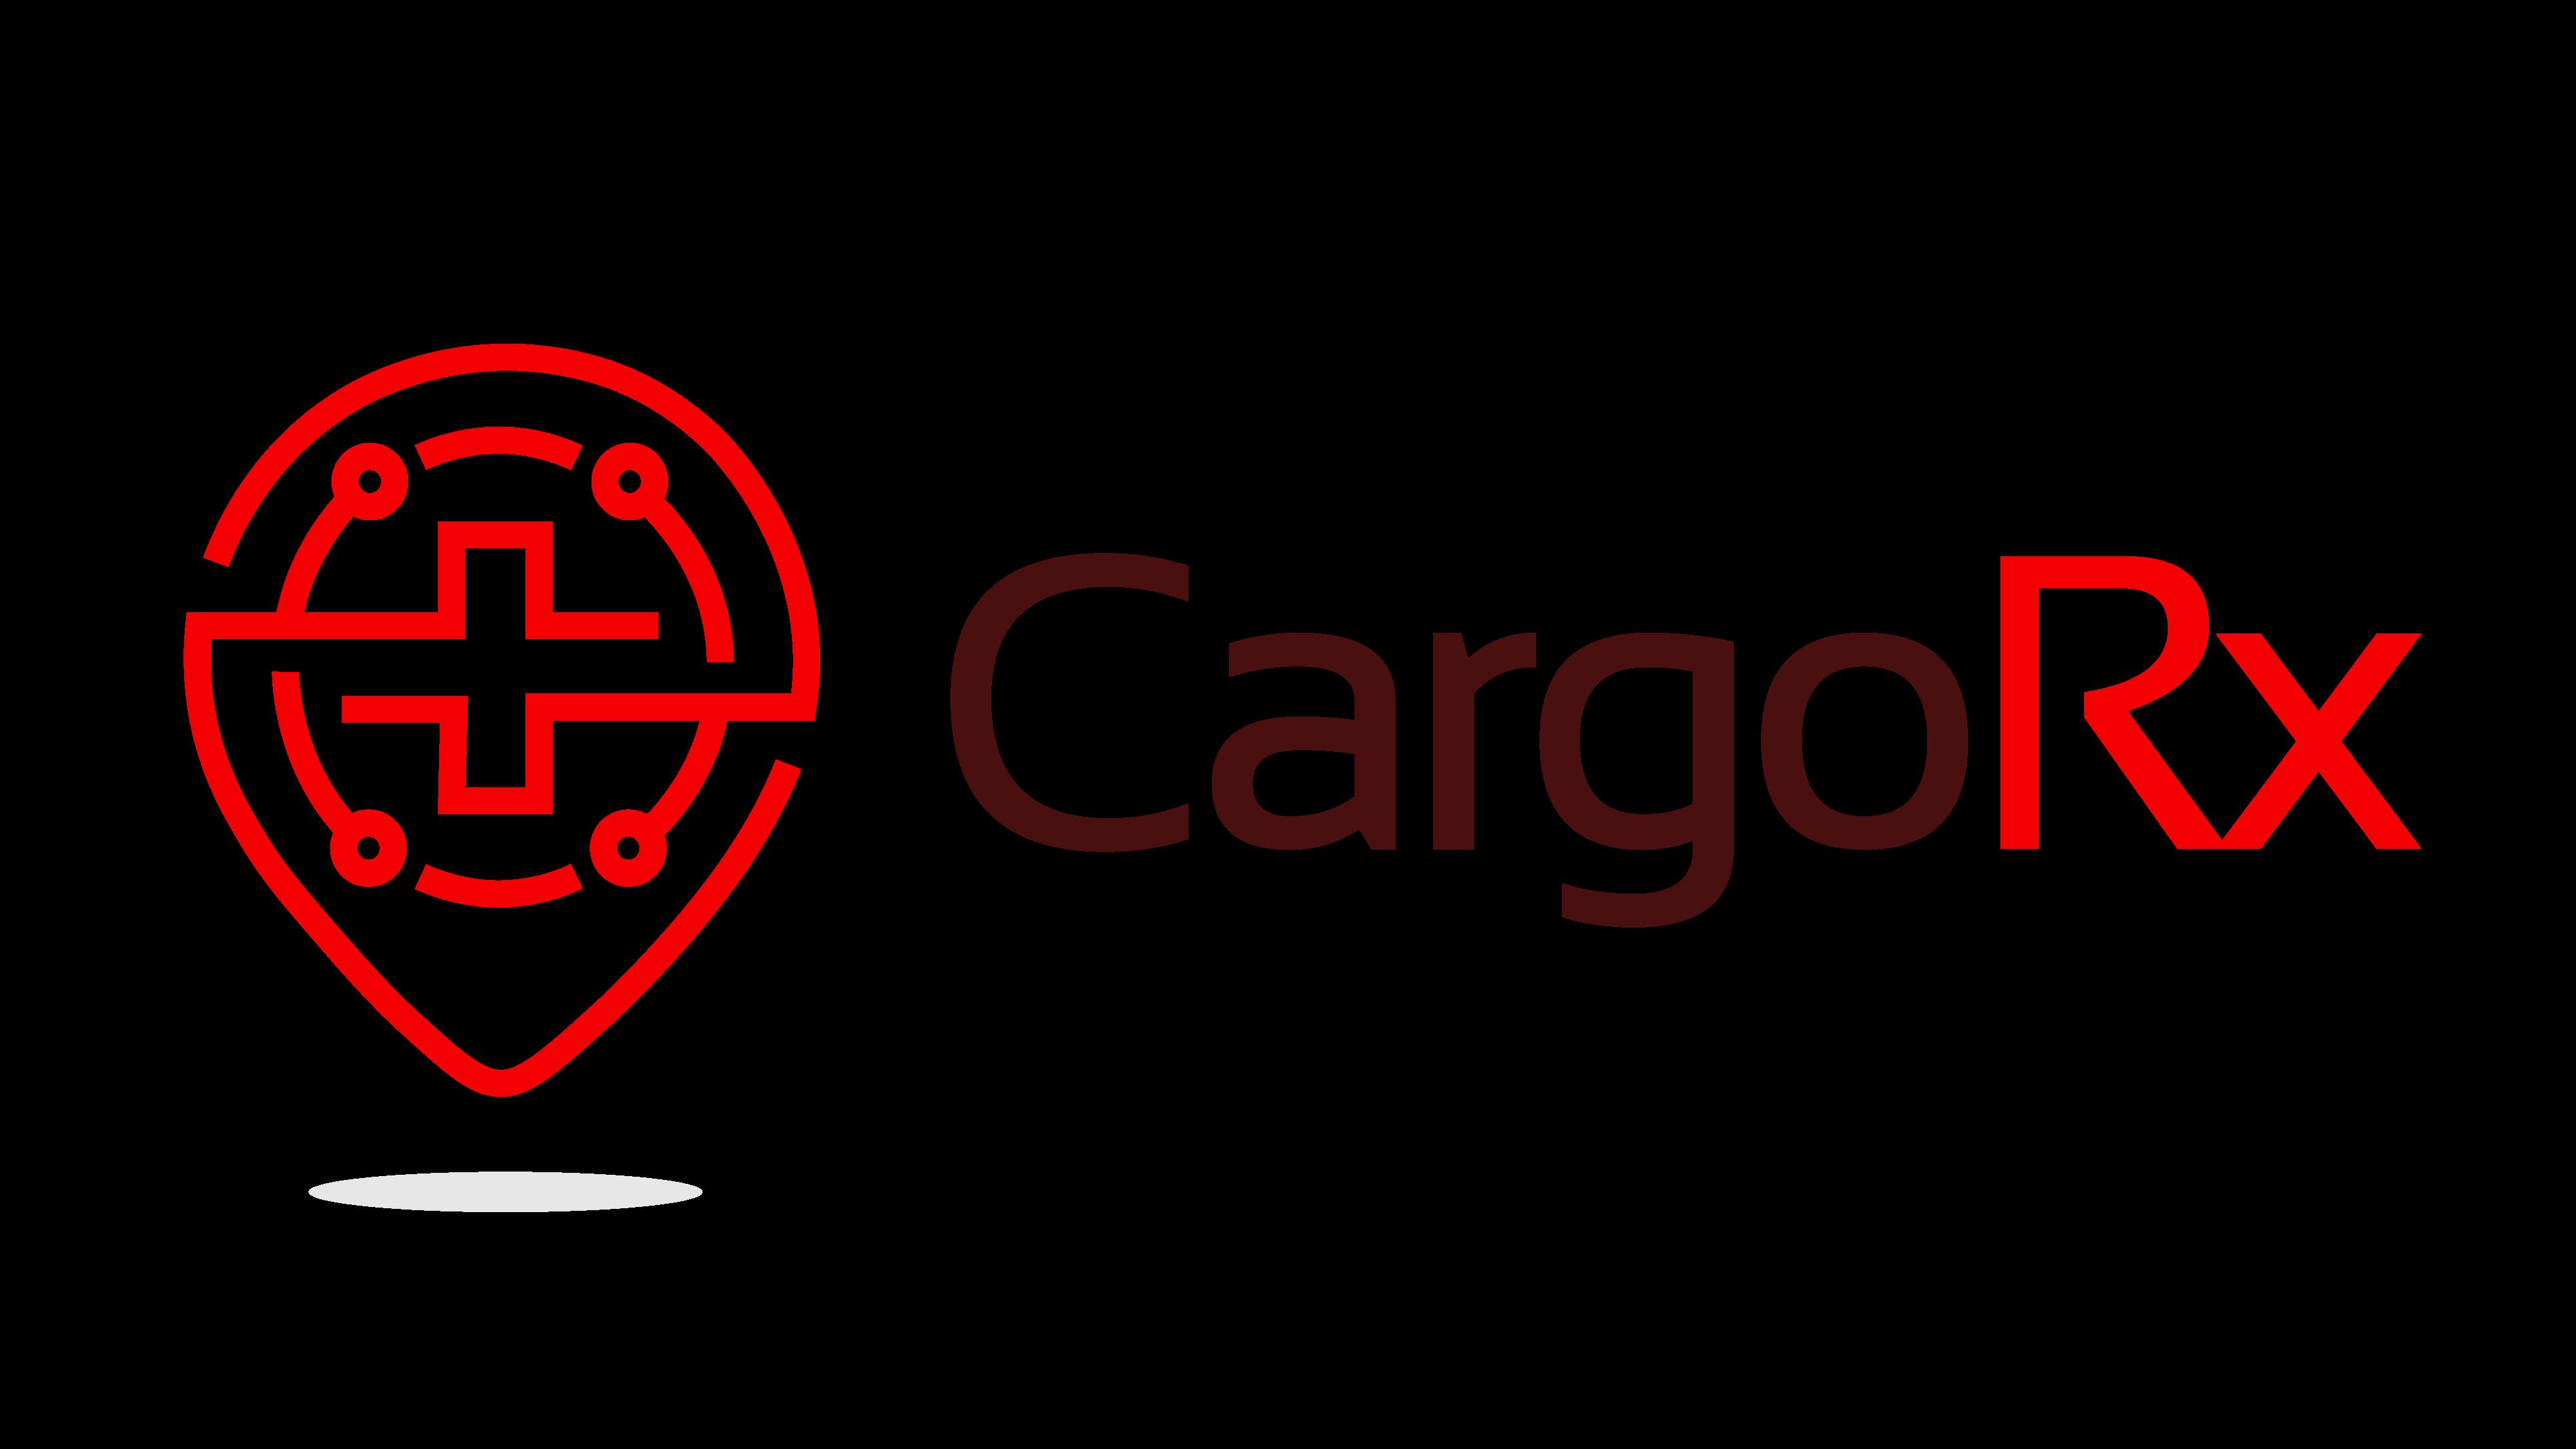 CargoRX